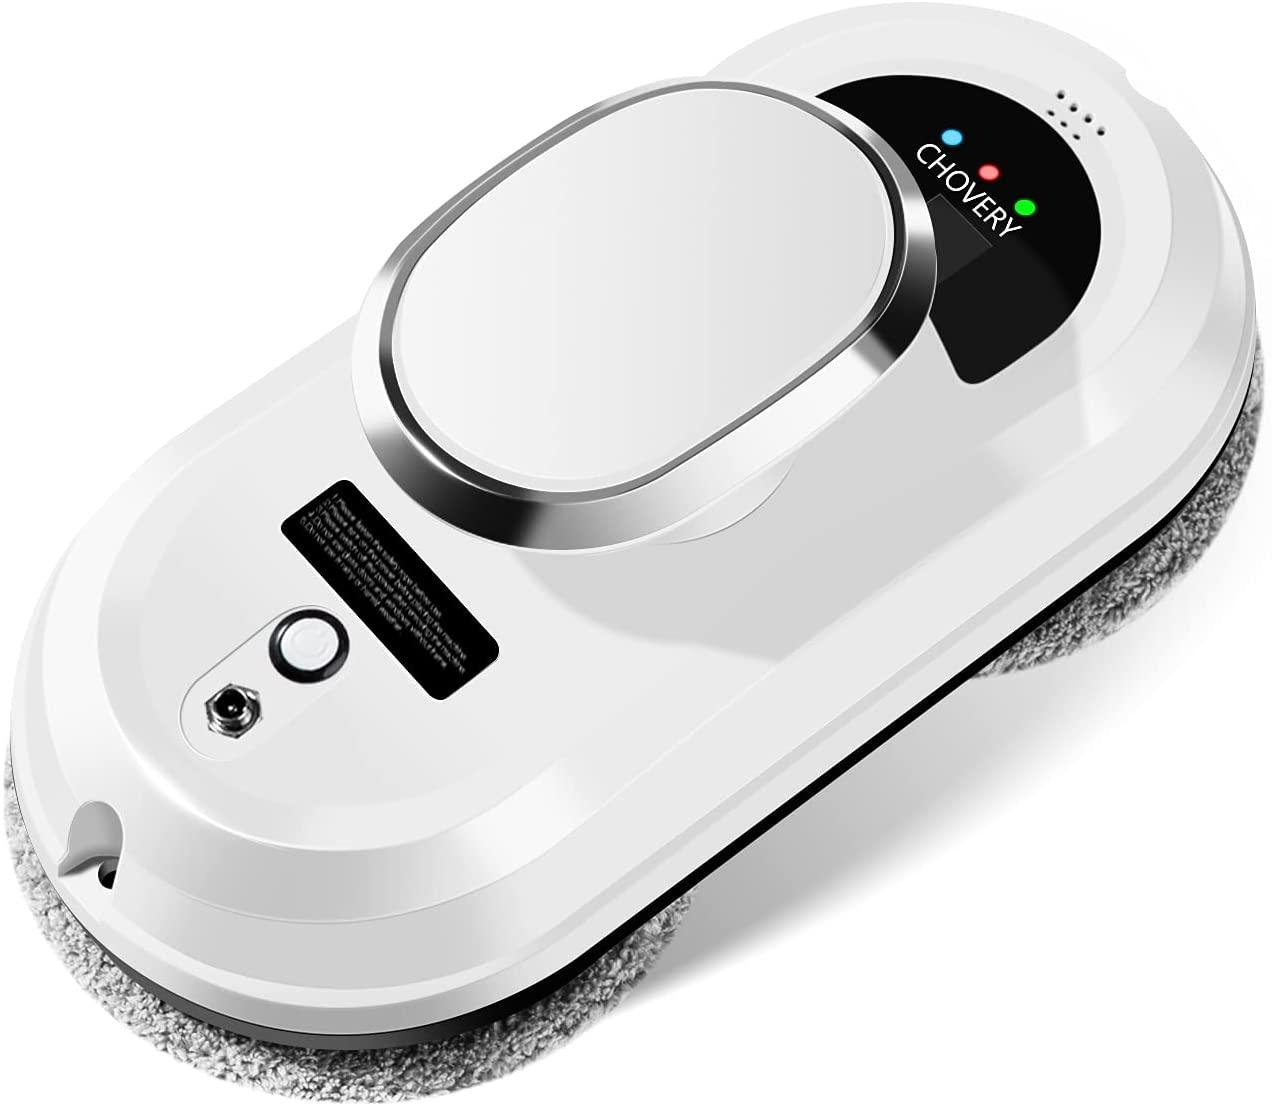 CHOVERY CL-1 Robot Limpiacristales, Control Remoto Limpiacristales Electrico,Sistema Inteligente de Detección de Bordes,Limpiacristales Magnetico